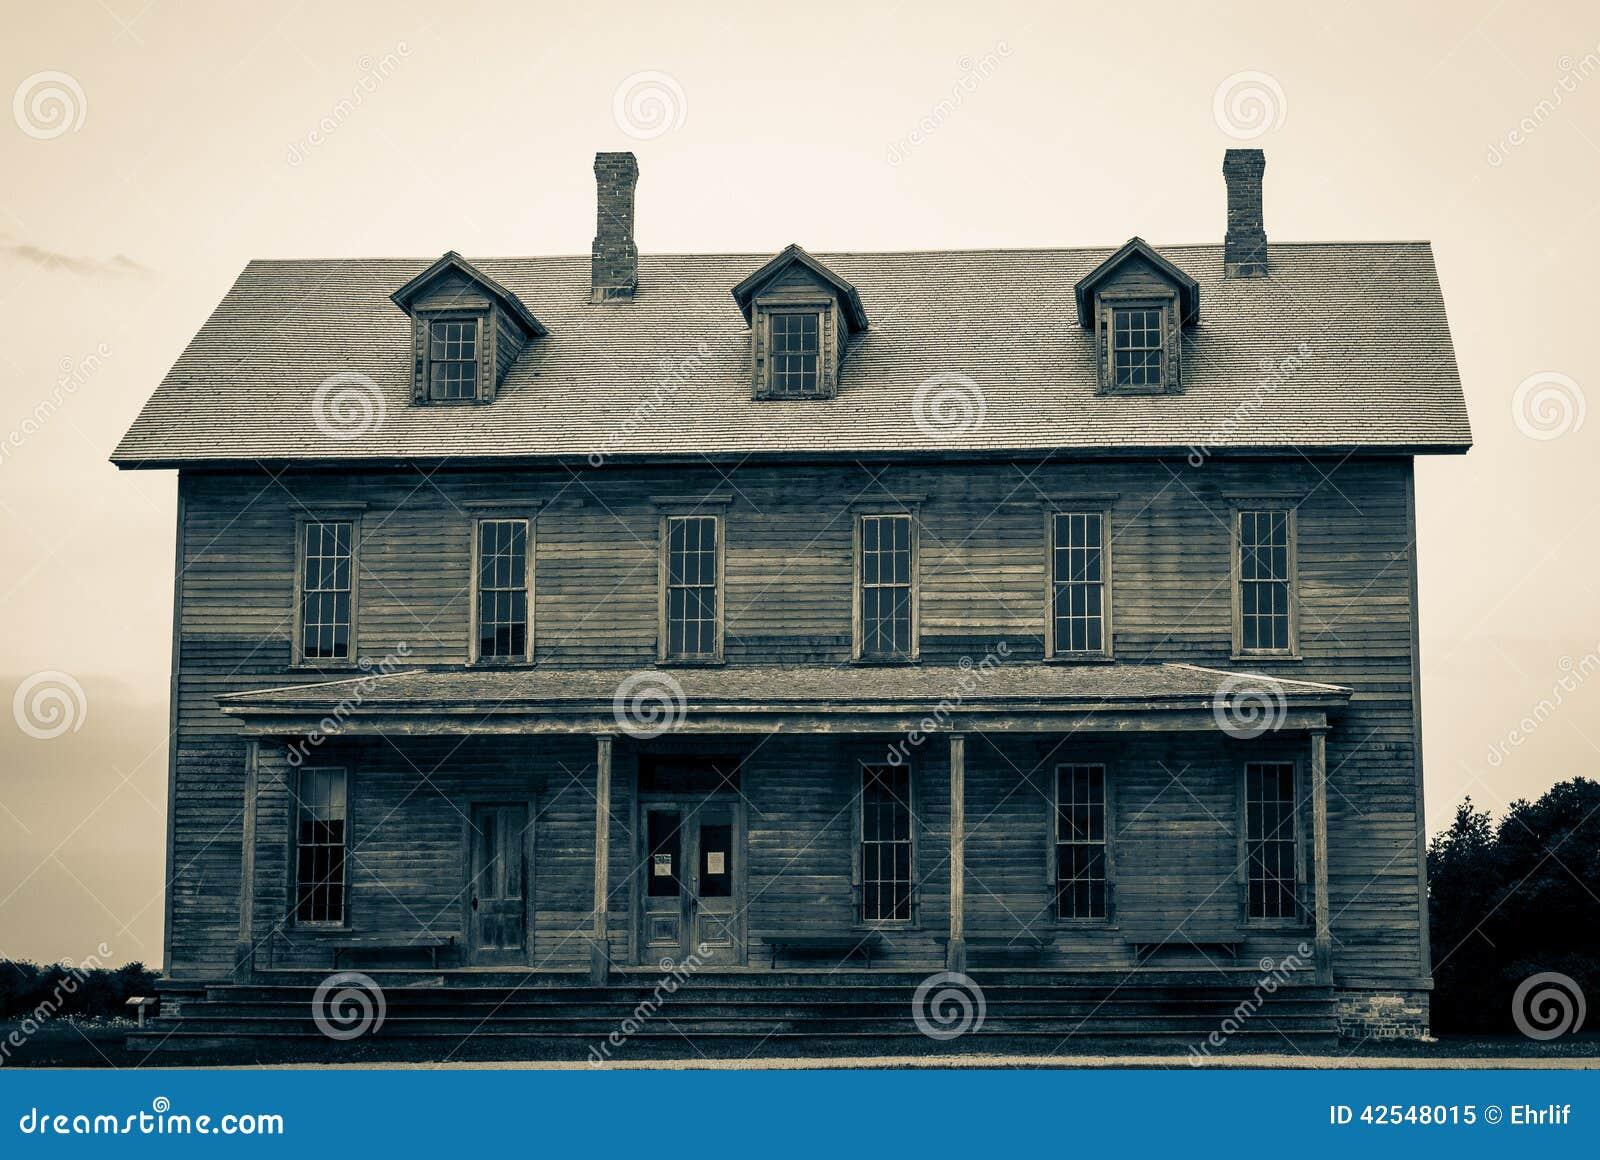 Haunted House Stock Photo Image 42548015